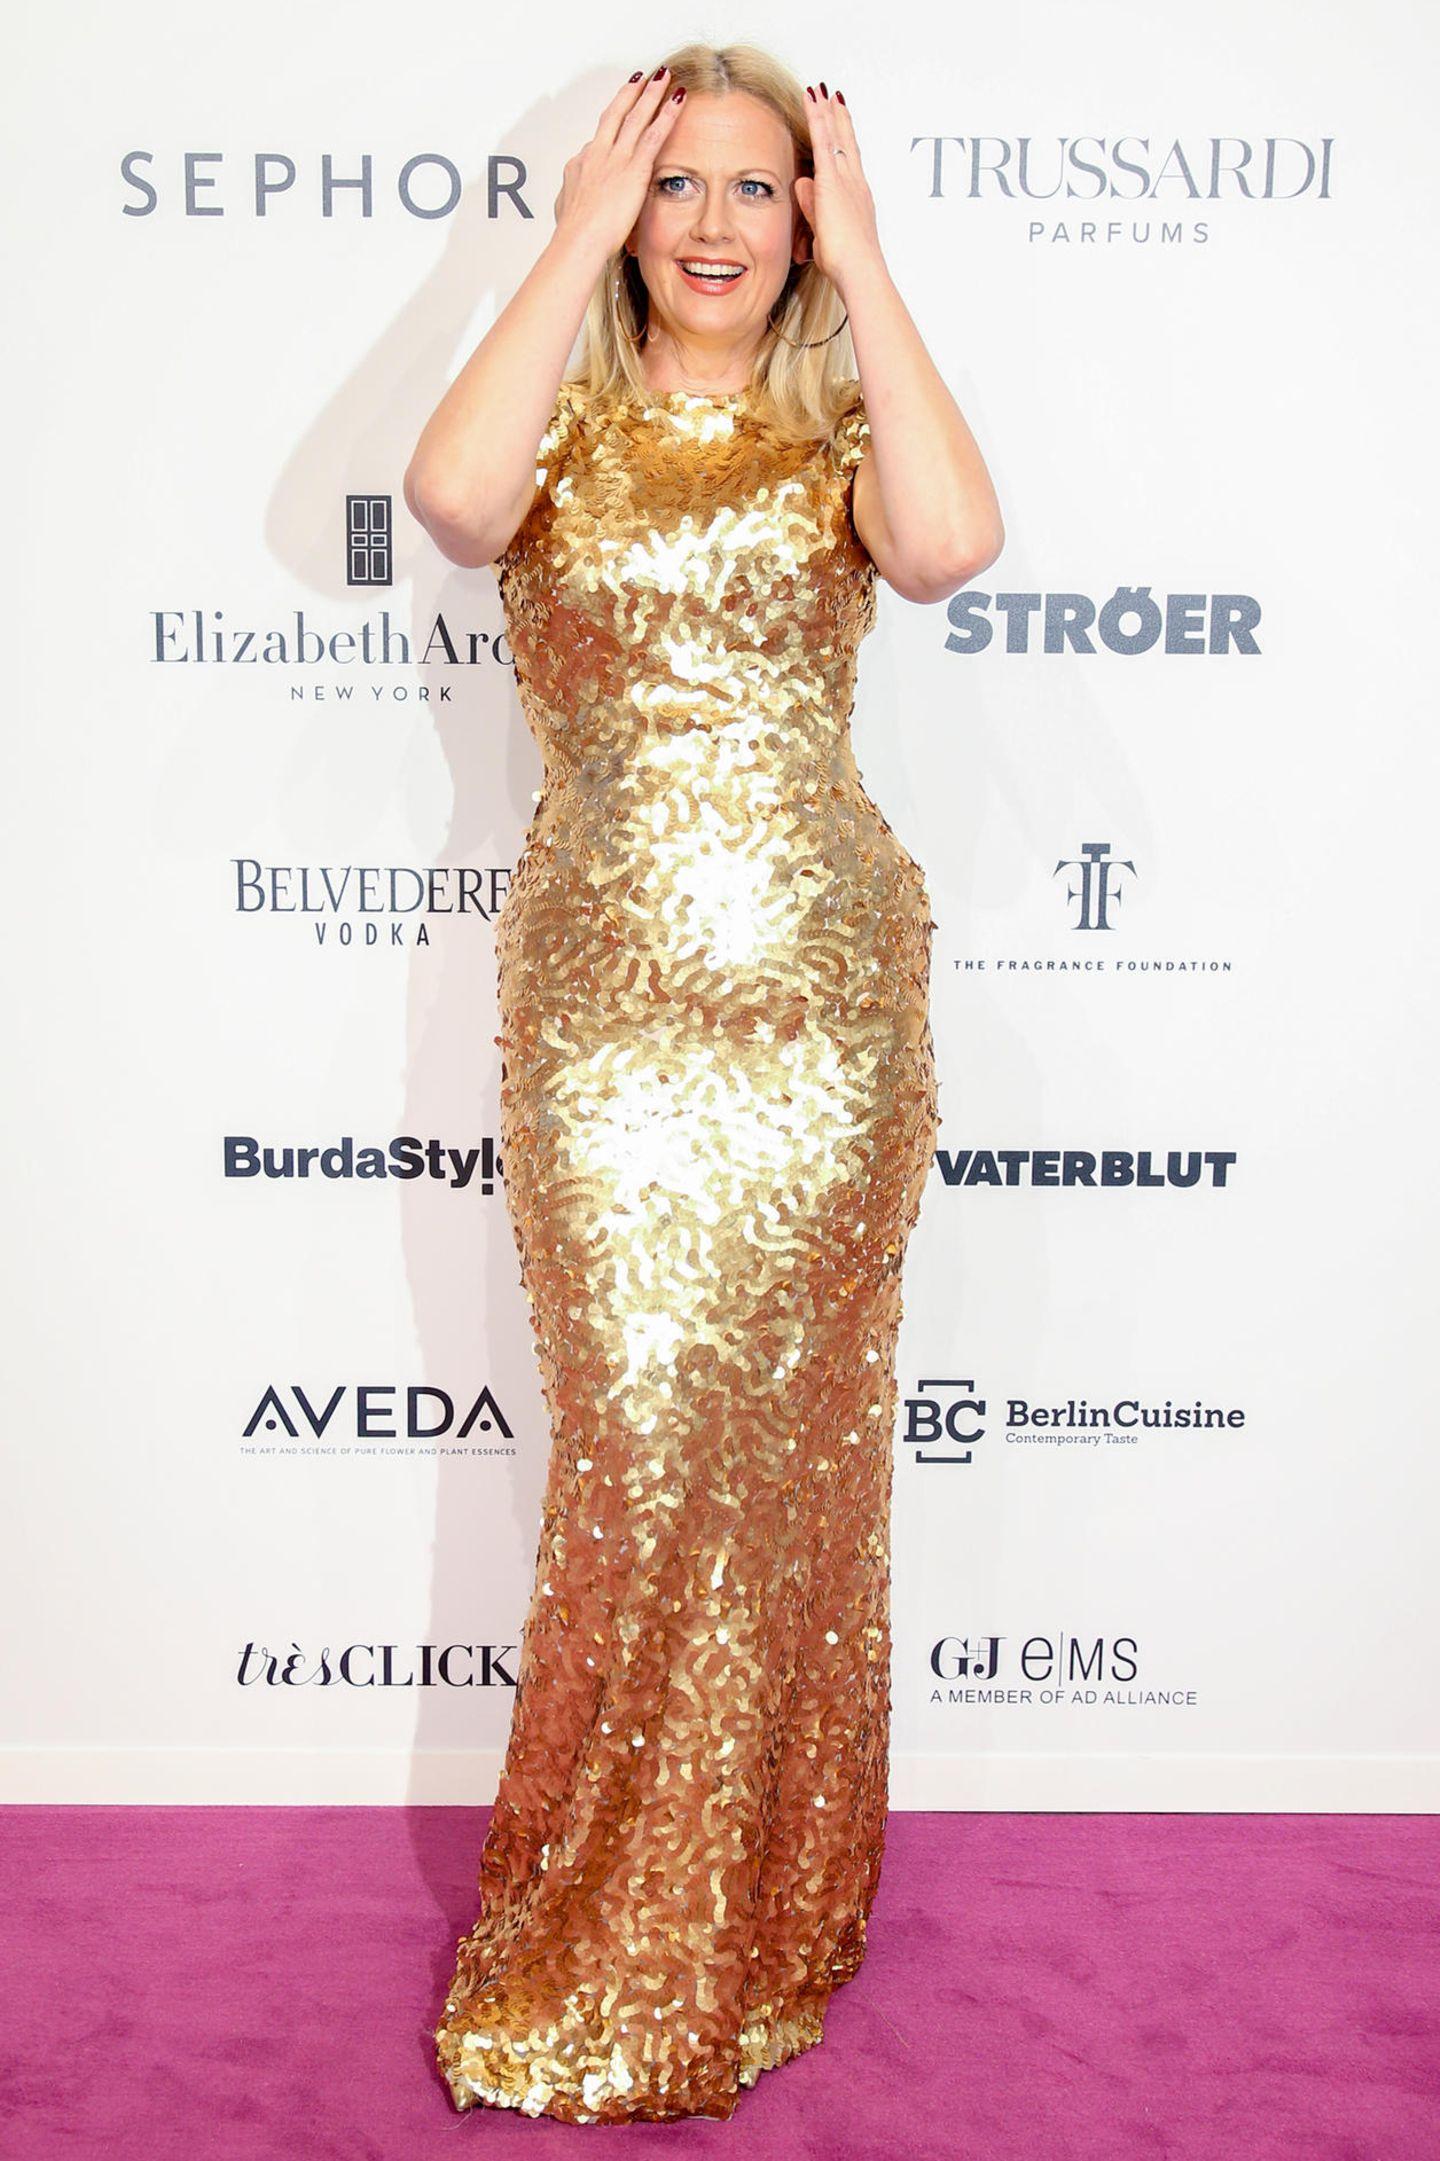 Im Pailletten-Kleid ist Barbara Schöneberger ein strahlend schönes Golden Girl. Da passt der Blondton einfach hervorragend!